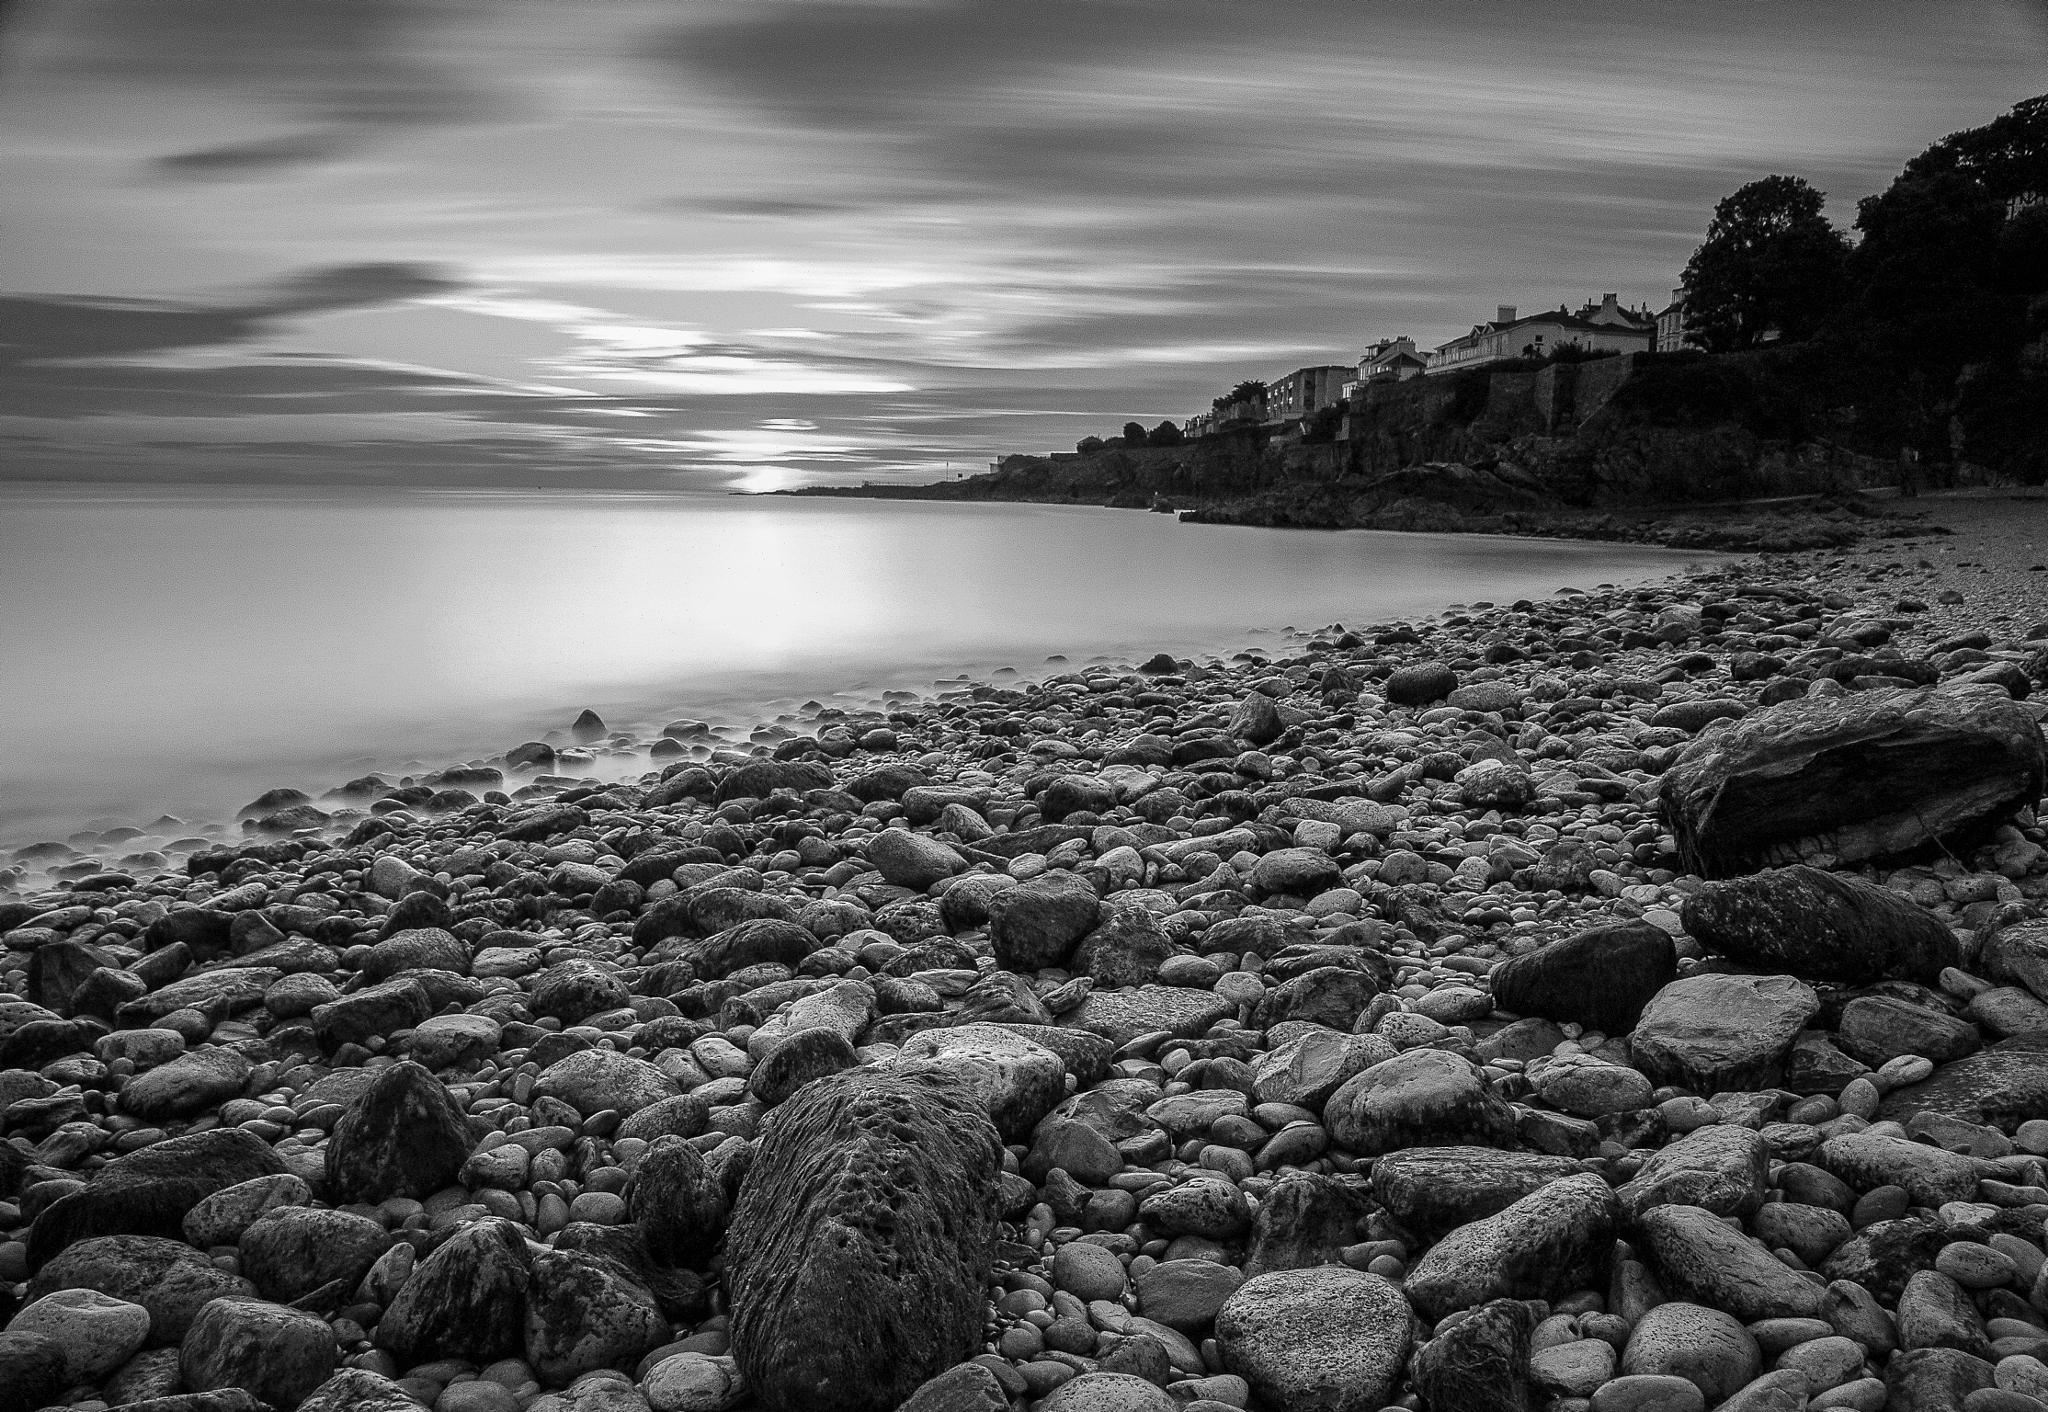 Low tide by nigel.martin.927